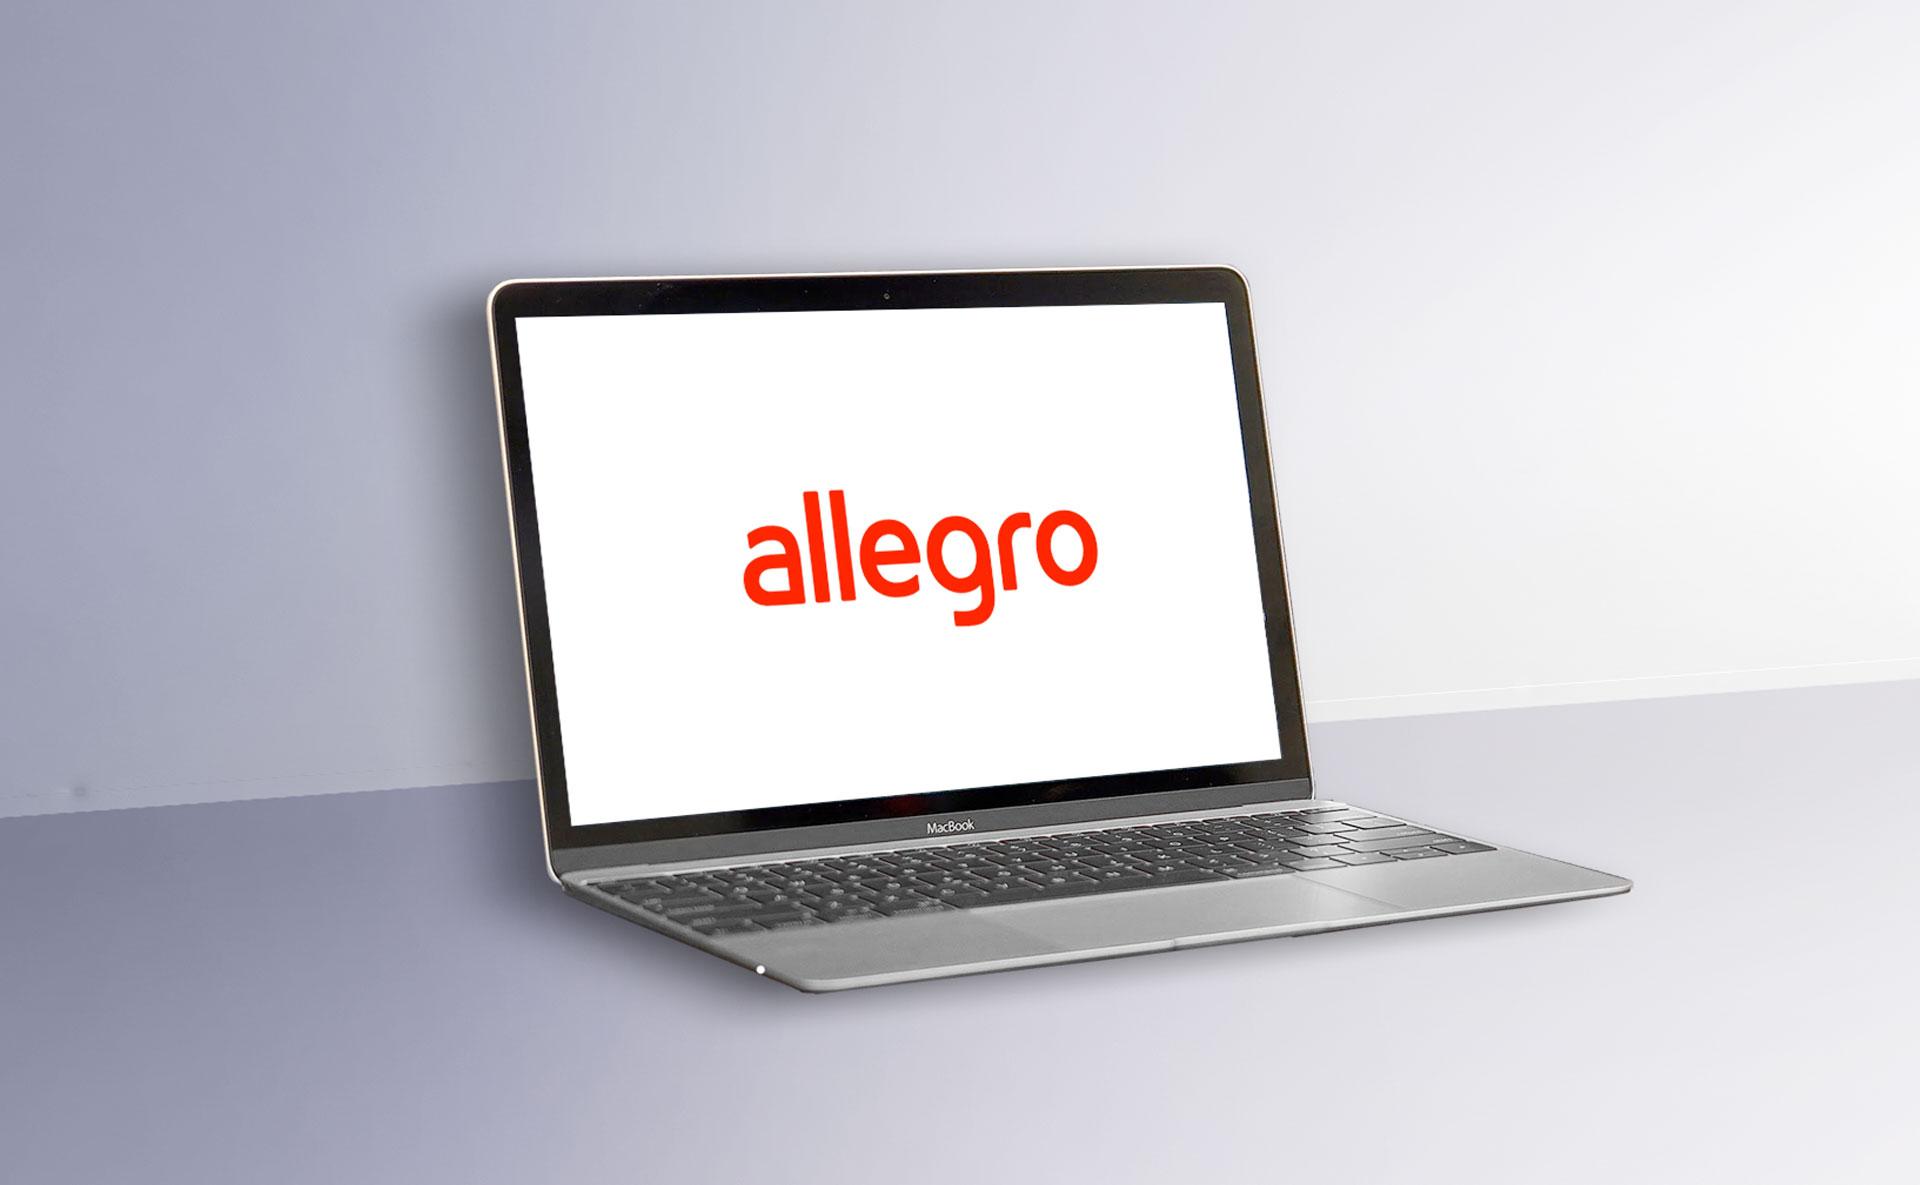 Jak Skutecznie Prowadzic Sprzedaz Na Allegro Ifirma Pl